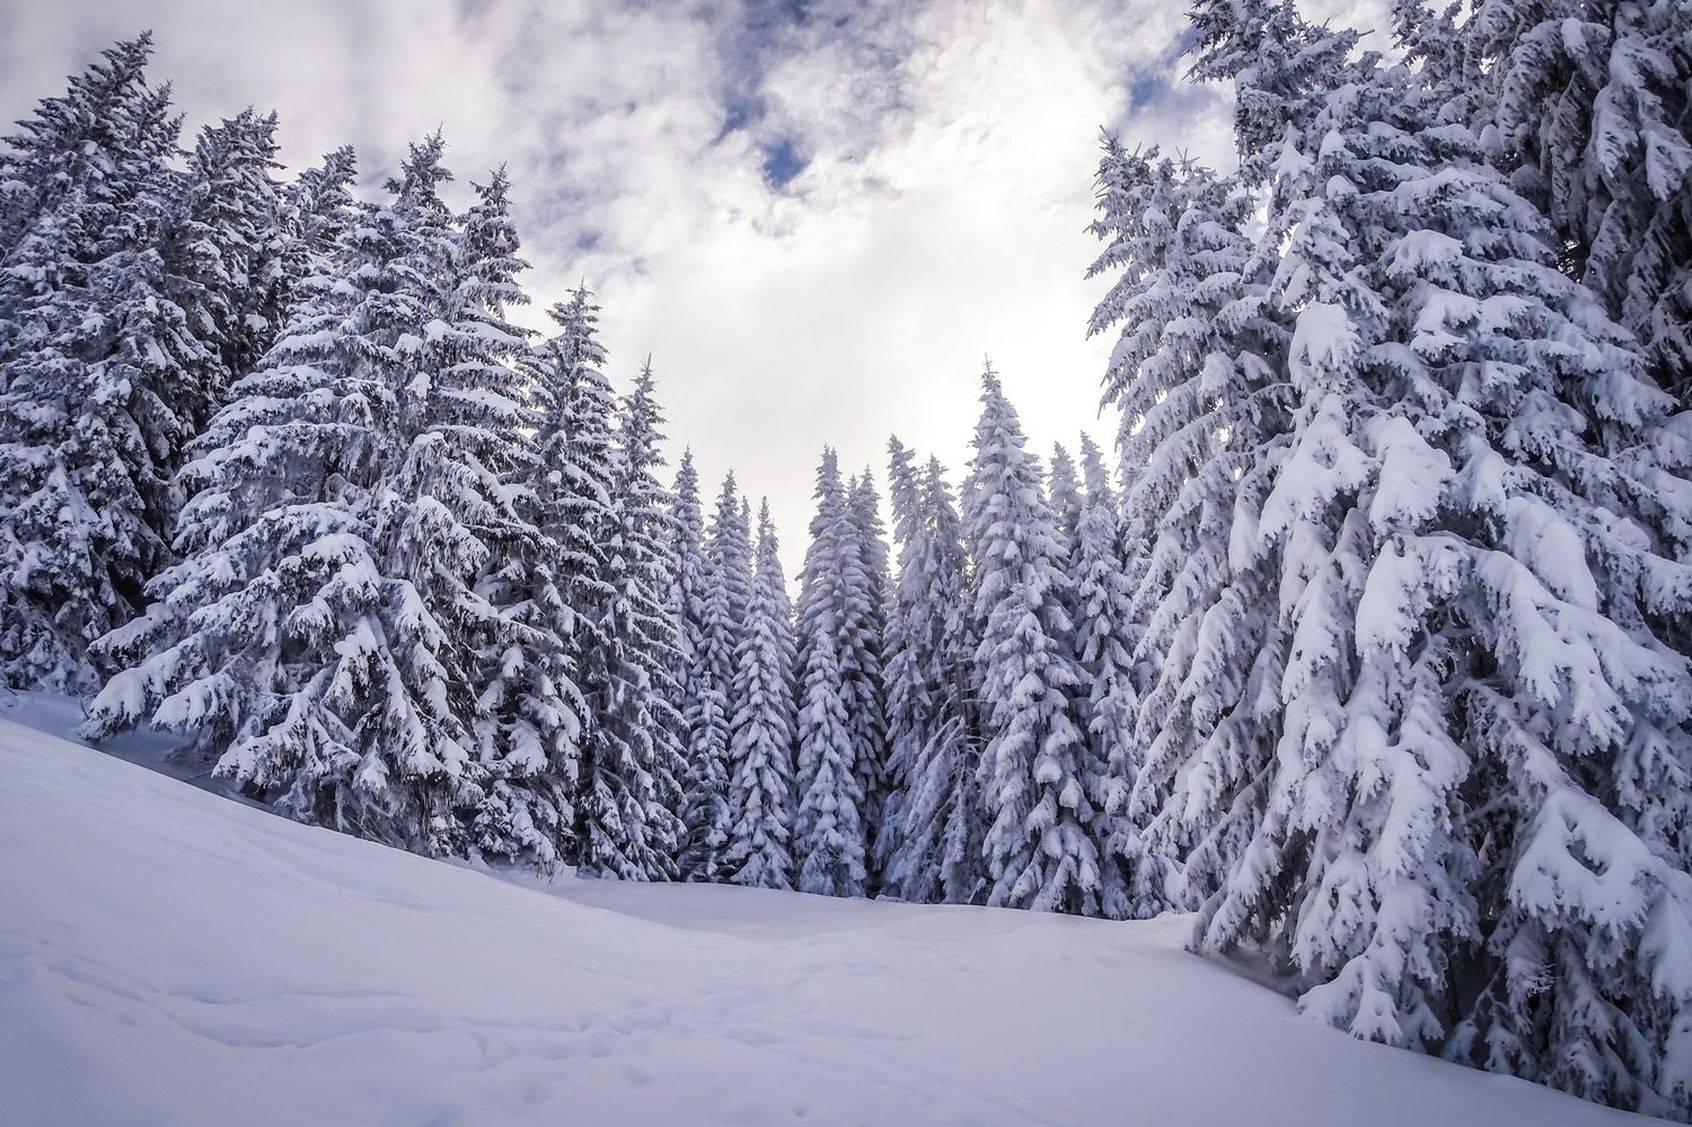 Hiver 2018-2019 en montagne : le bilan de la saison